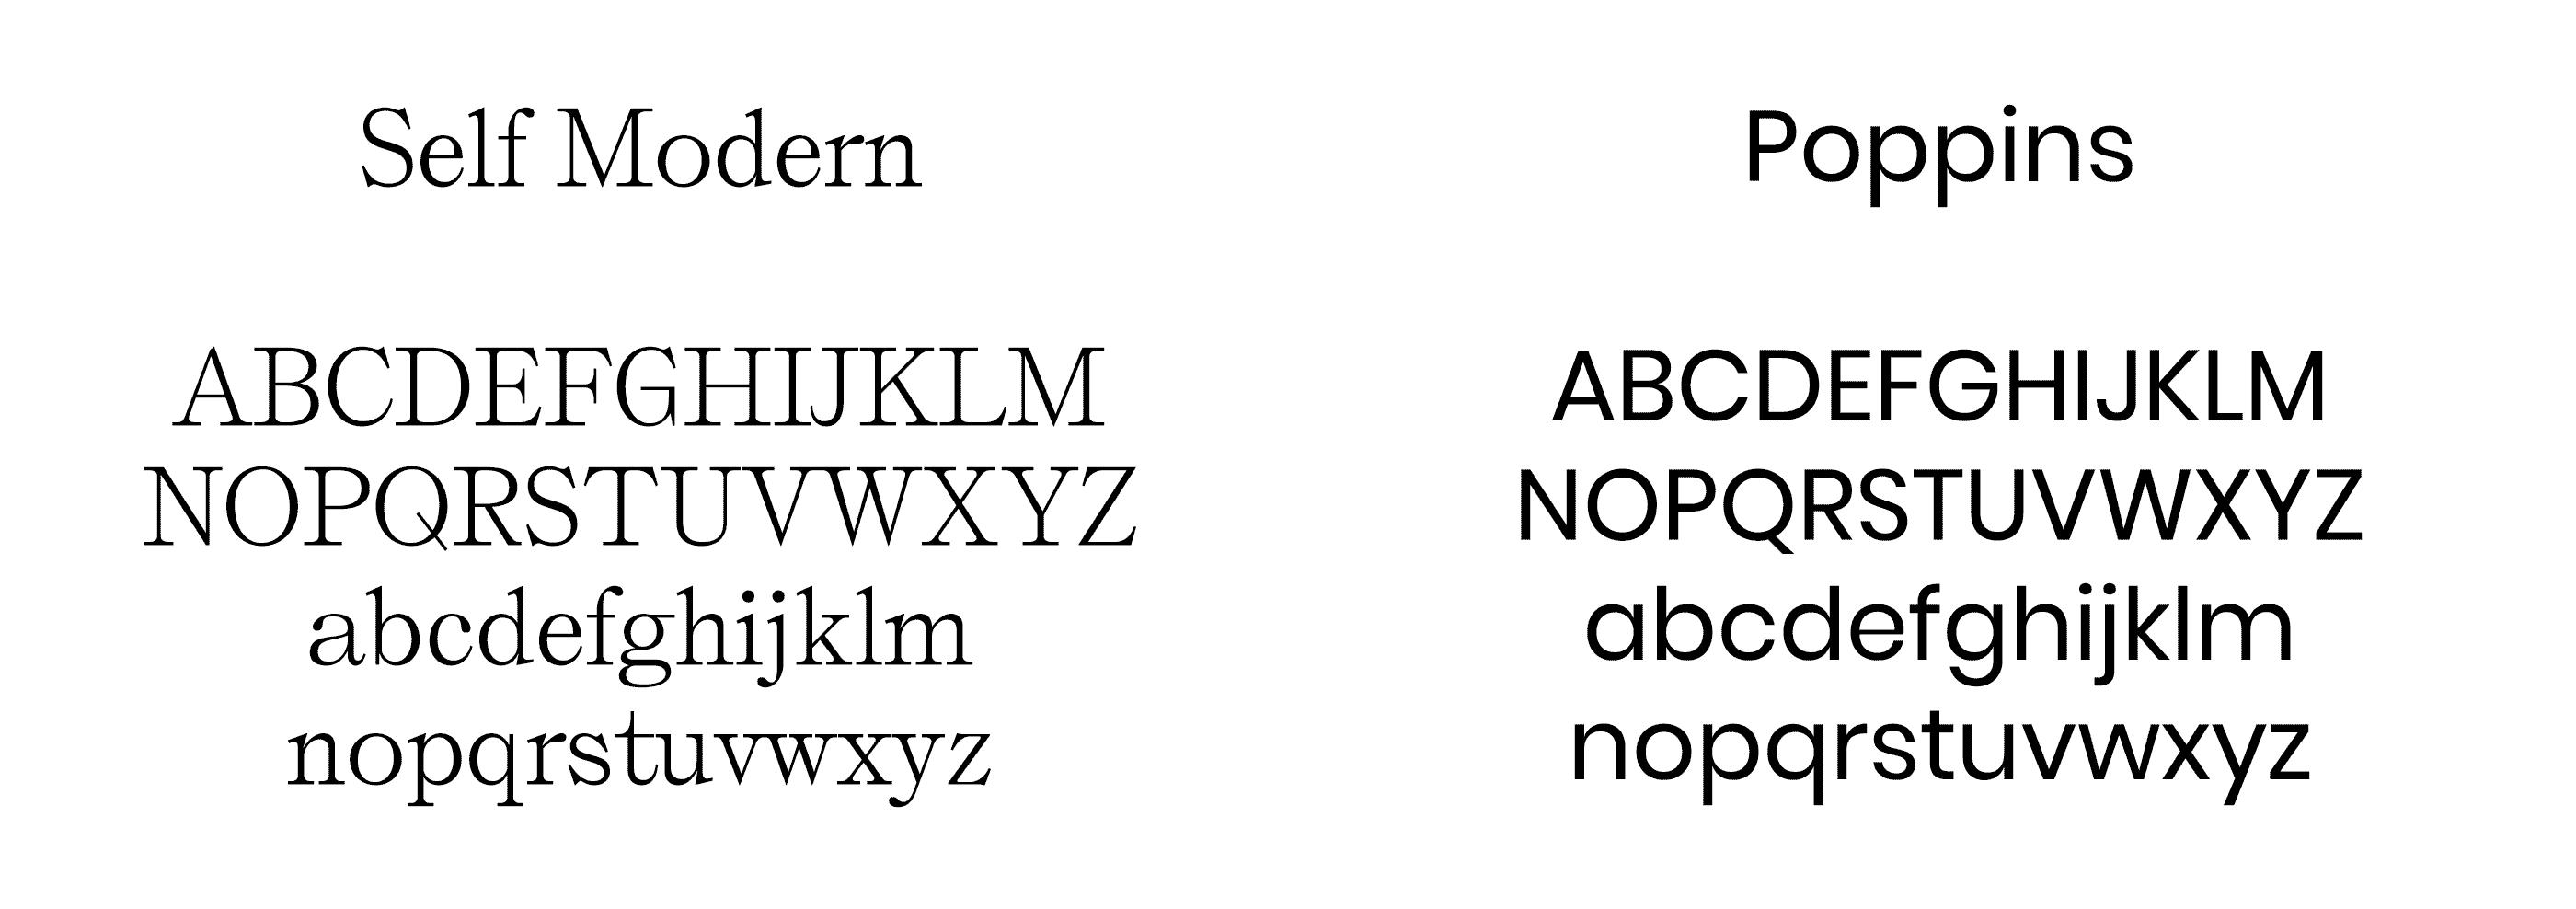 DBW_branding_02